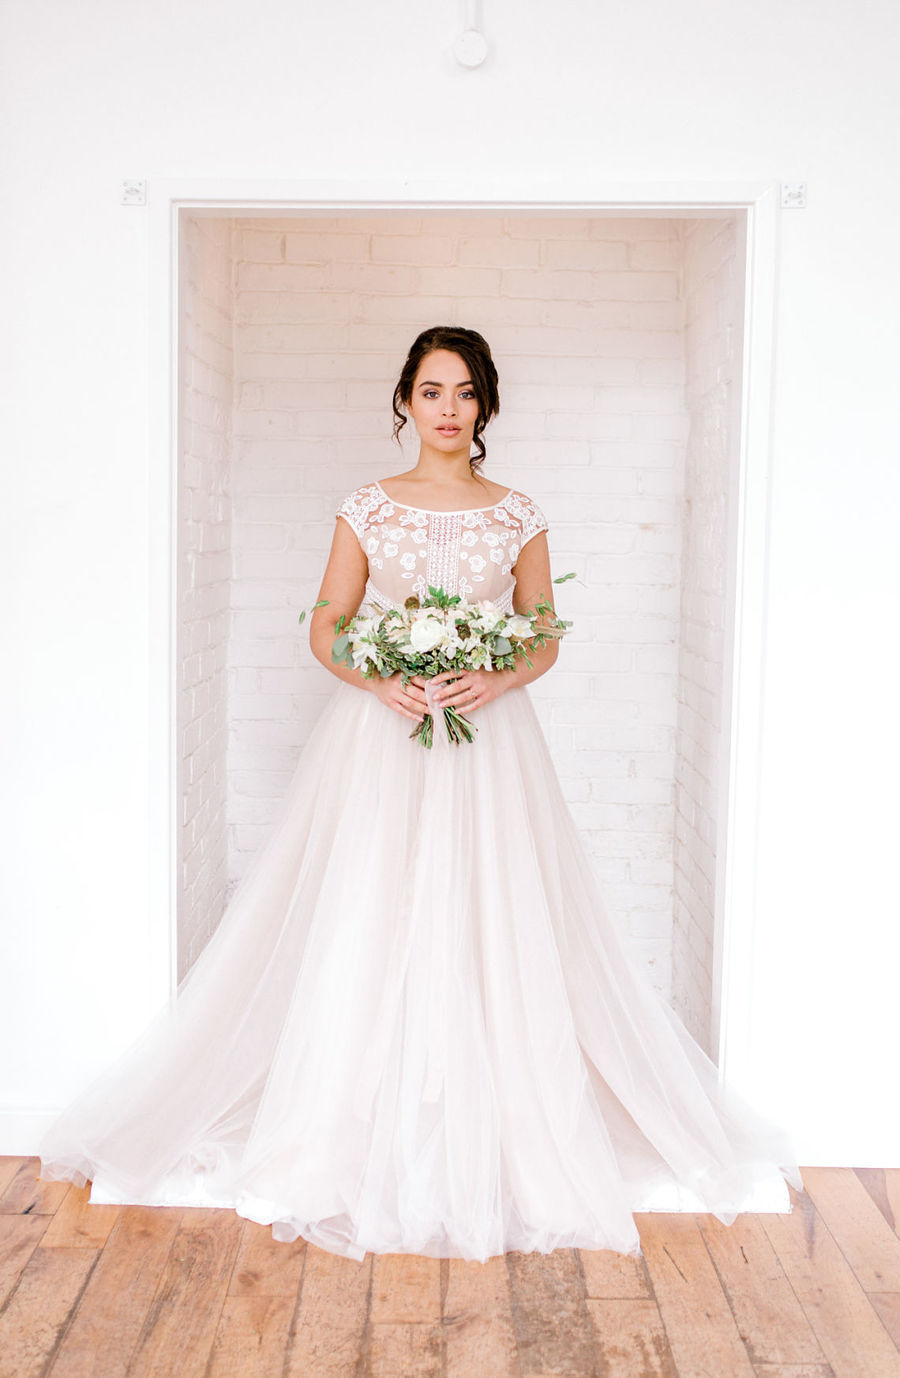 Minimal elegant wedding style ideas by Wildflower Wedding Planner Natasha, images Helene Elliott Photography (10)